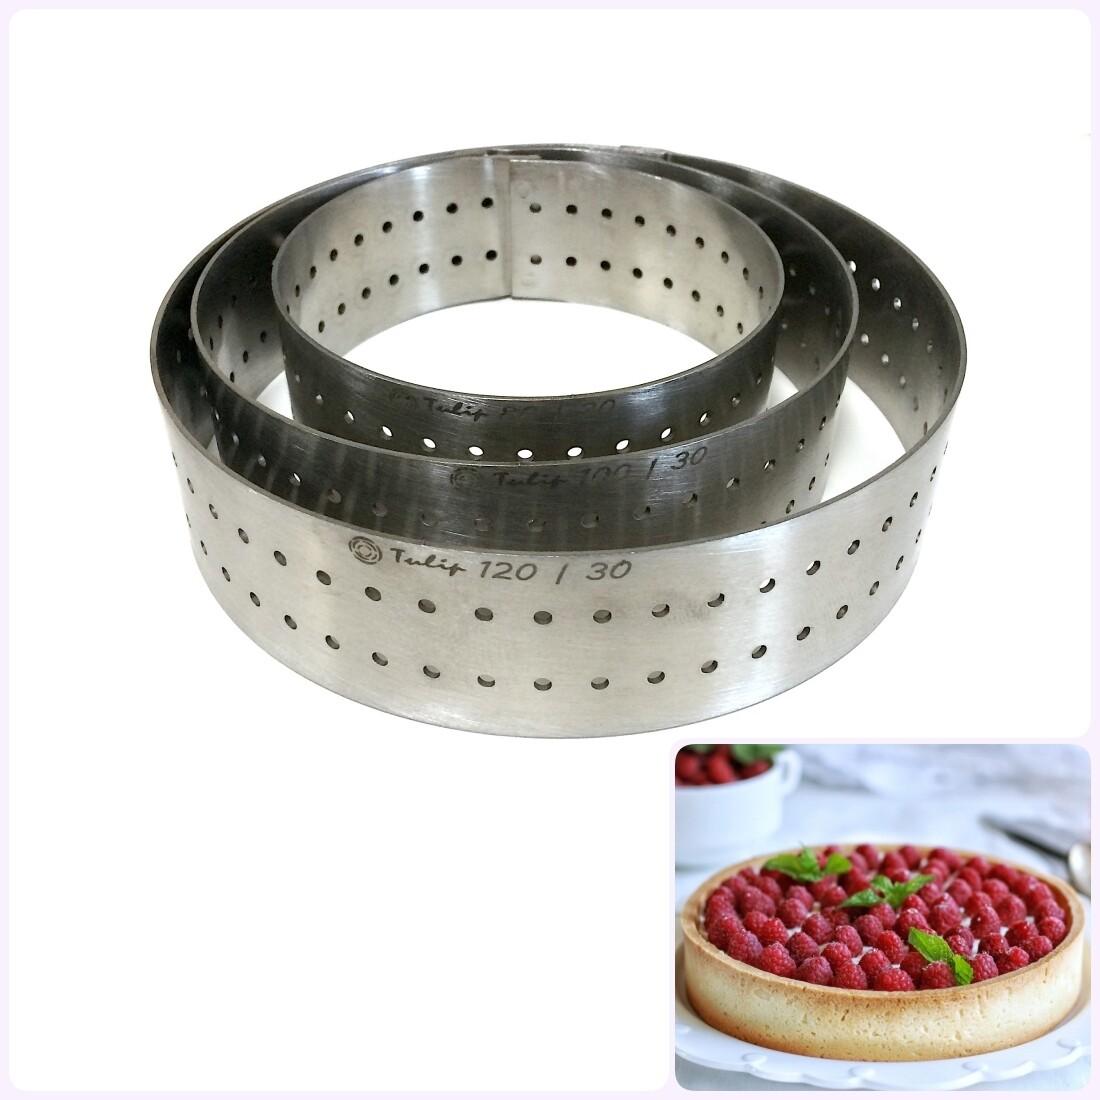 Формы для выпечки нерж.сталь перфорир. | Кольца (высота 3 см, Ø 8-30 см)